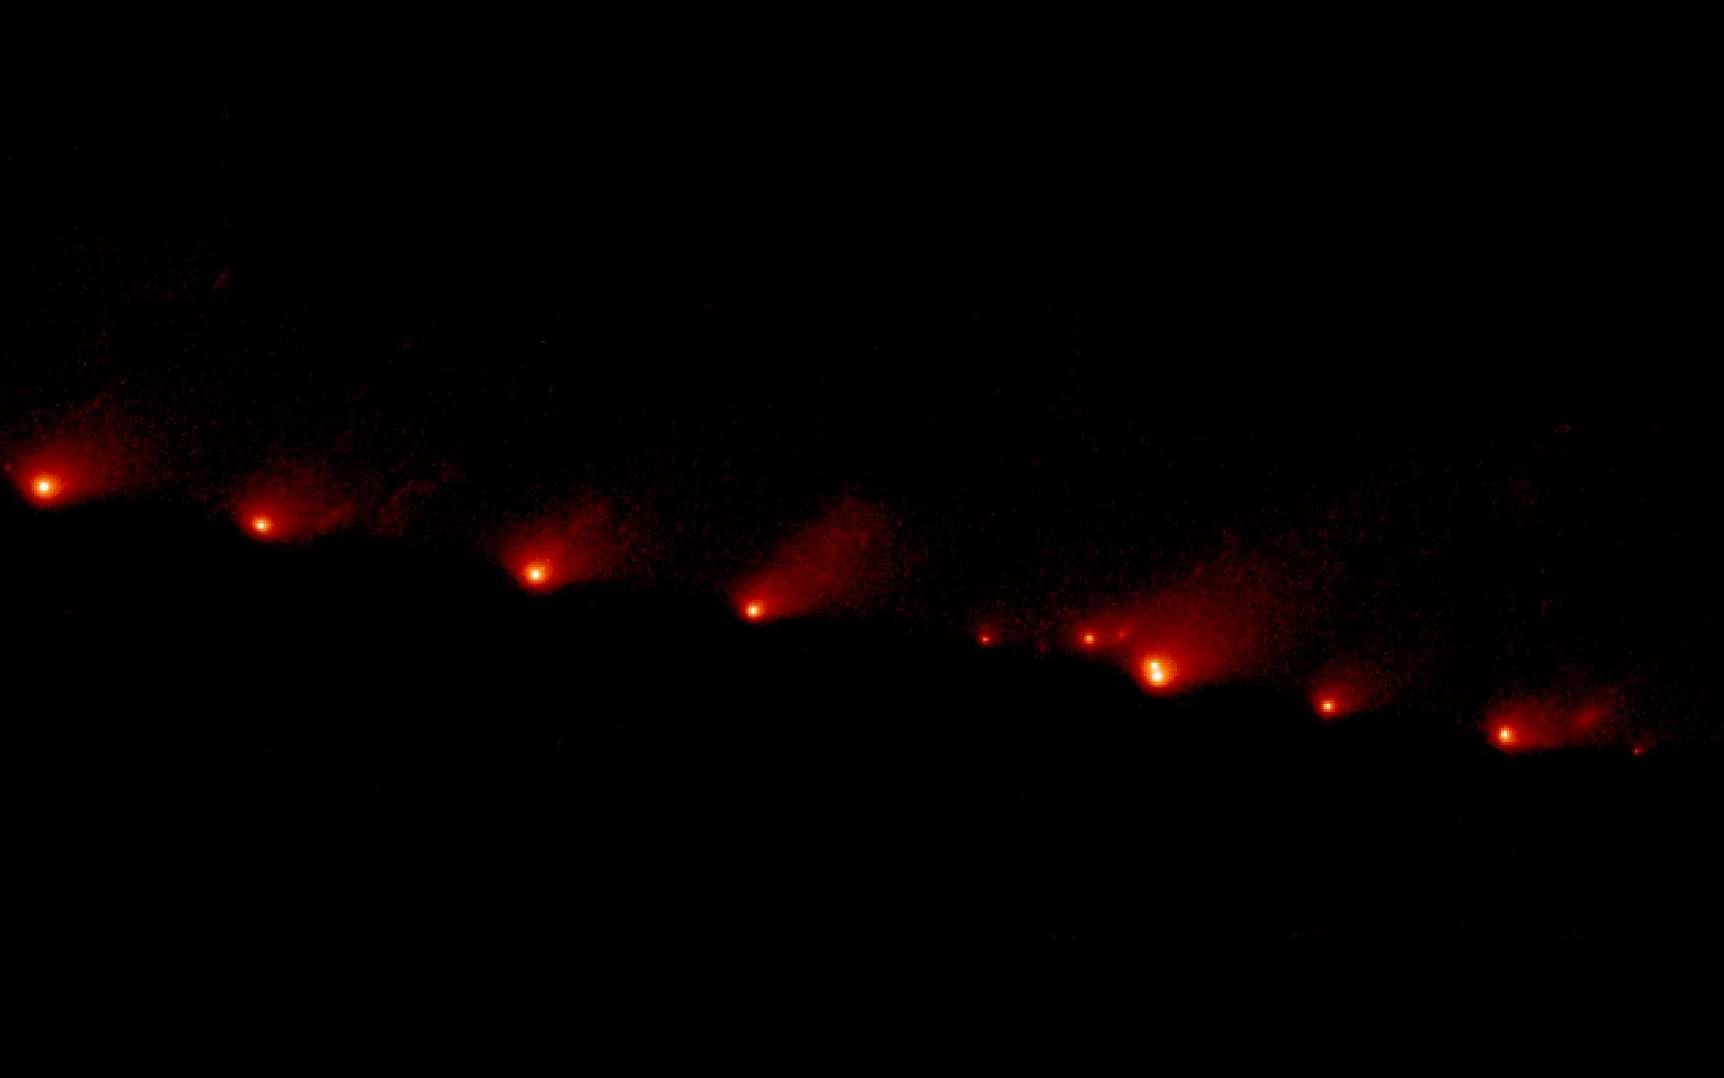 Fragments de la comète Shoemaker-Levy 9 vus par Hubble le 17 mai 1994. Cette image comprend presque tout les 21 fragments et s'étend sur environ 1.140.000 kilomètres, soit environ trois fois la distance de la Terre à la Lune. Les fragments ont touché Jupiter en juillet 1994. © Nasa/ESA H. Weaver and E. Smith (STSci)